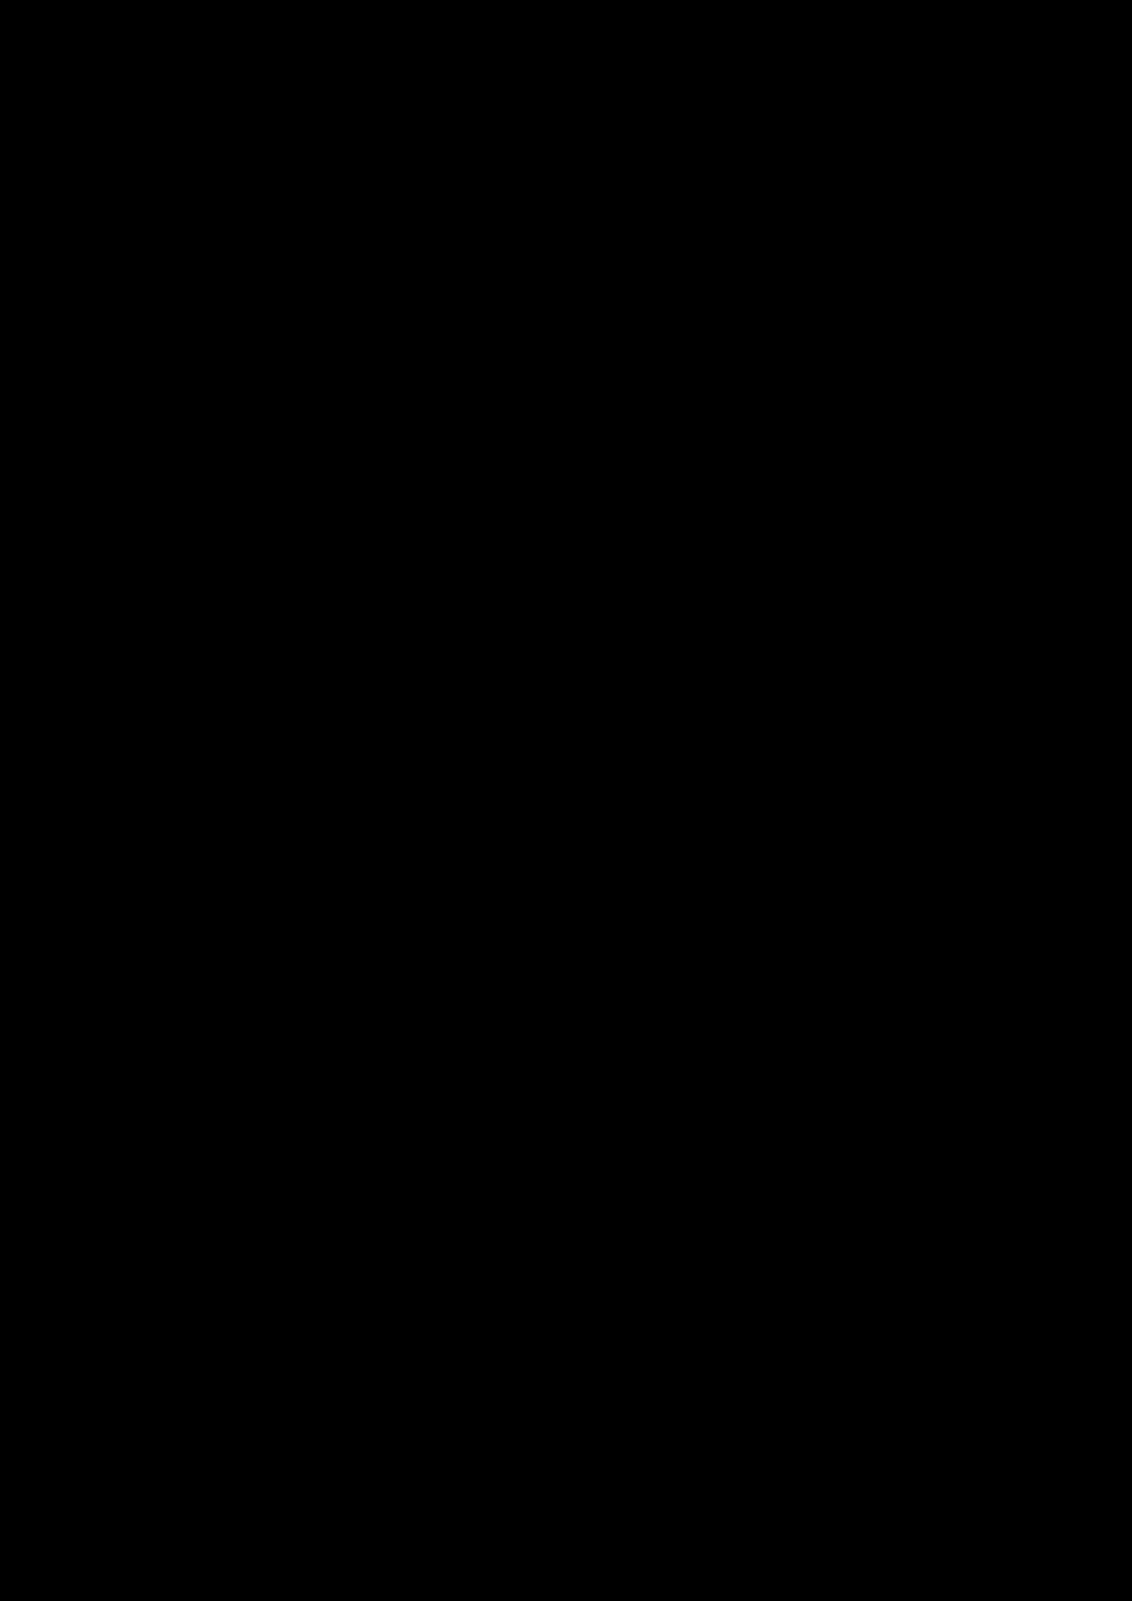 Proschanie s volshebnoy stranoy slide, Image 76